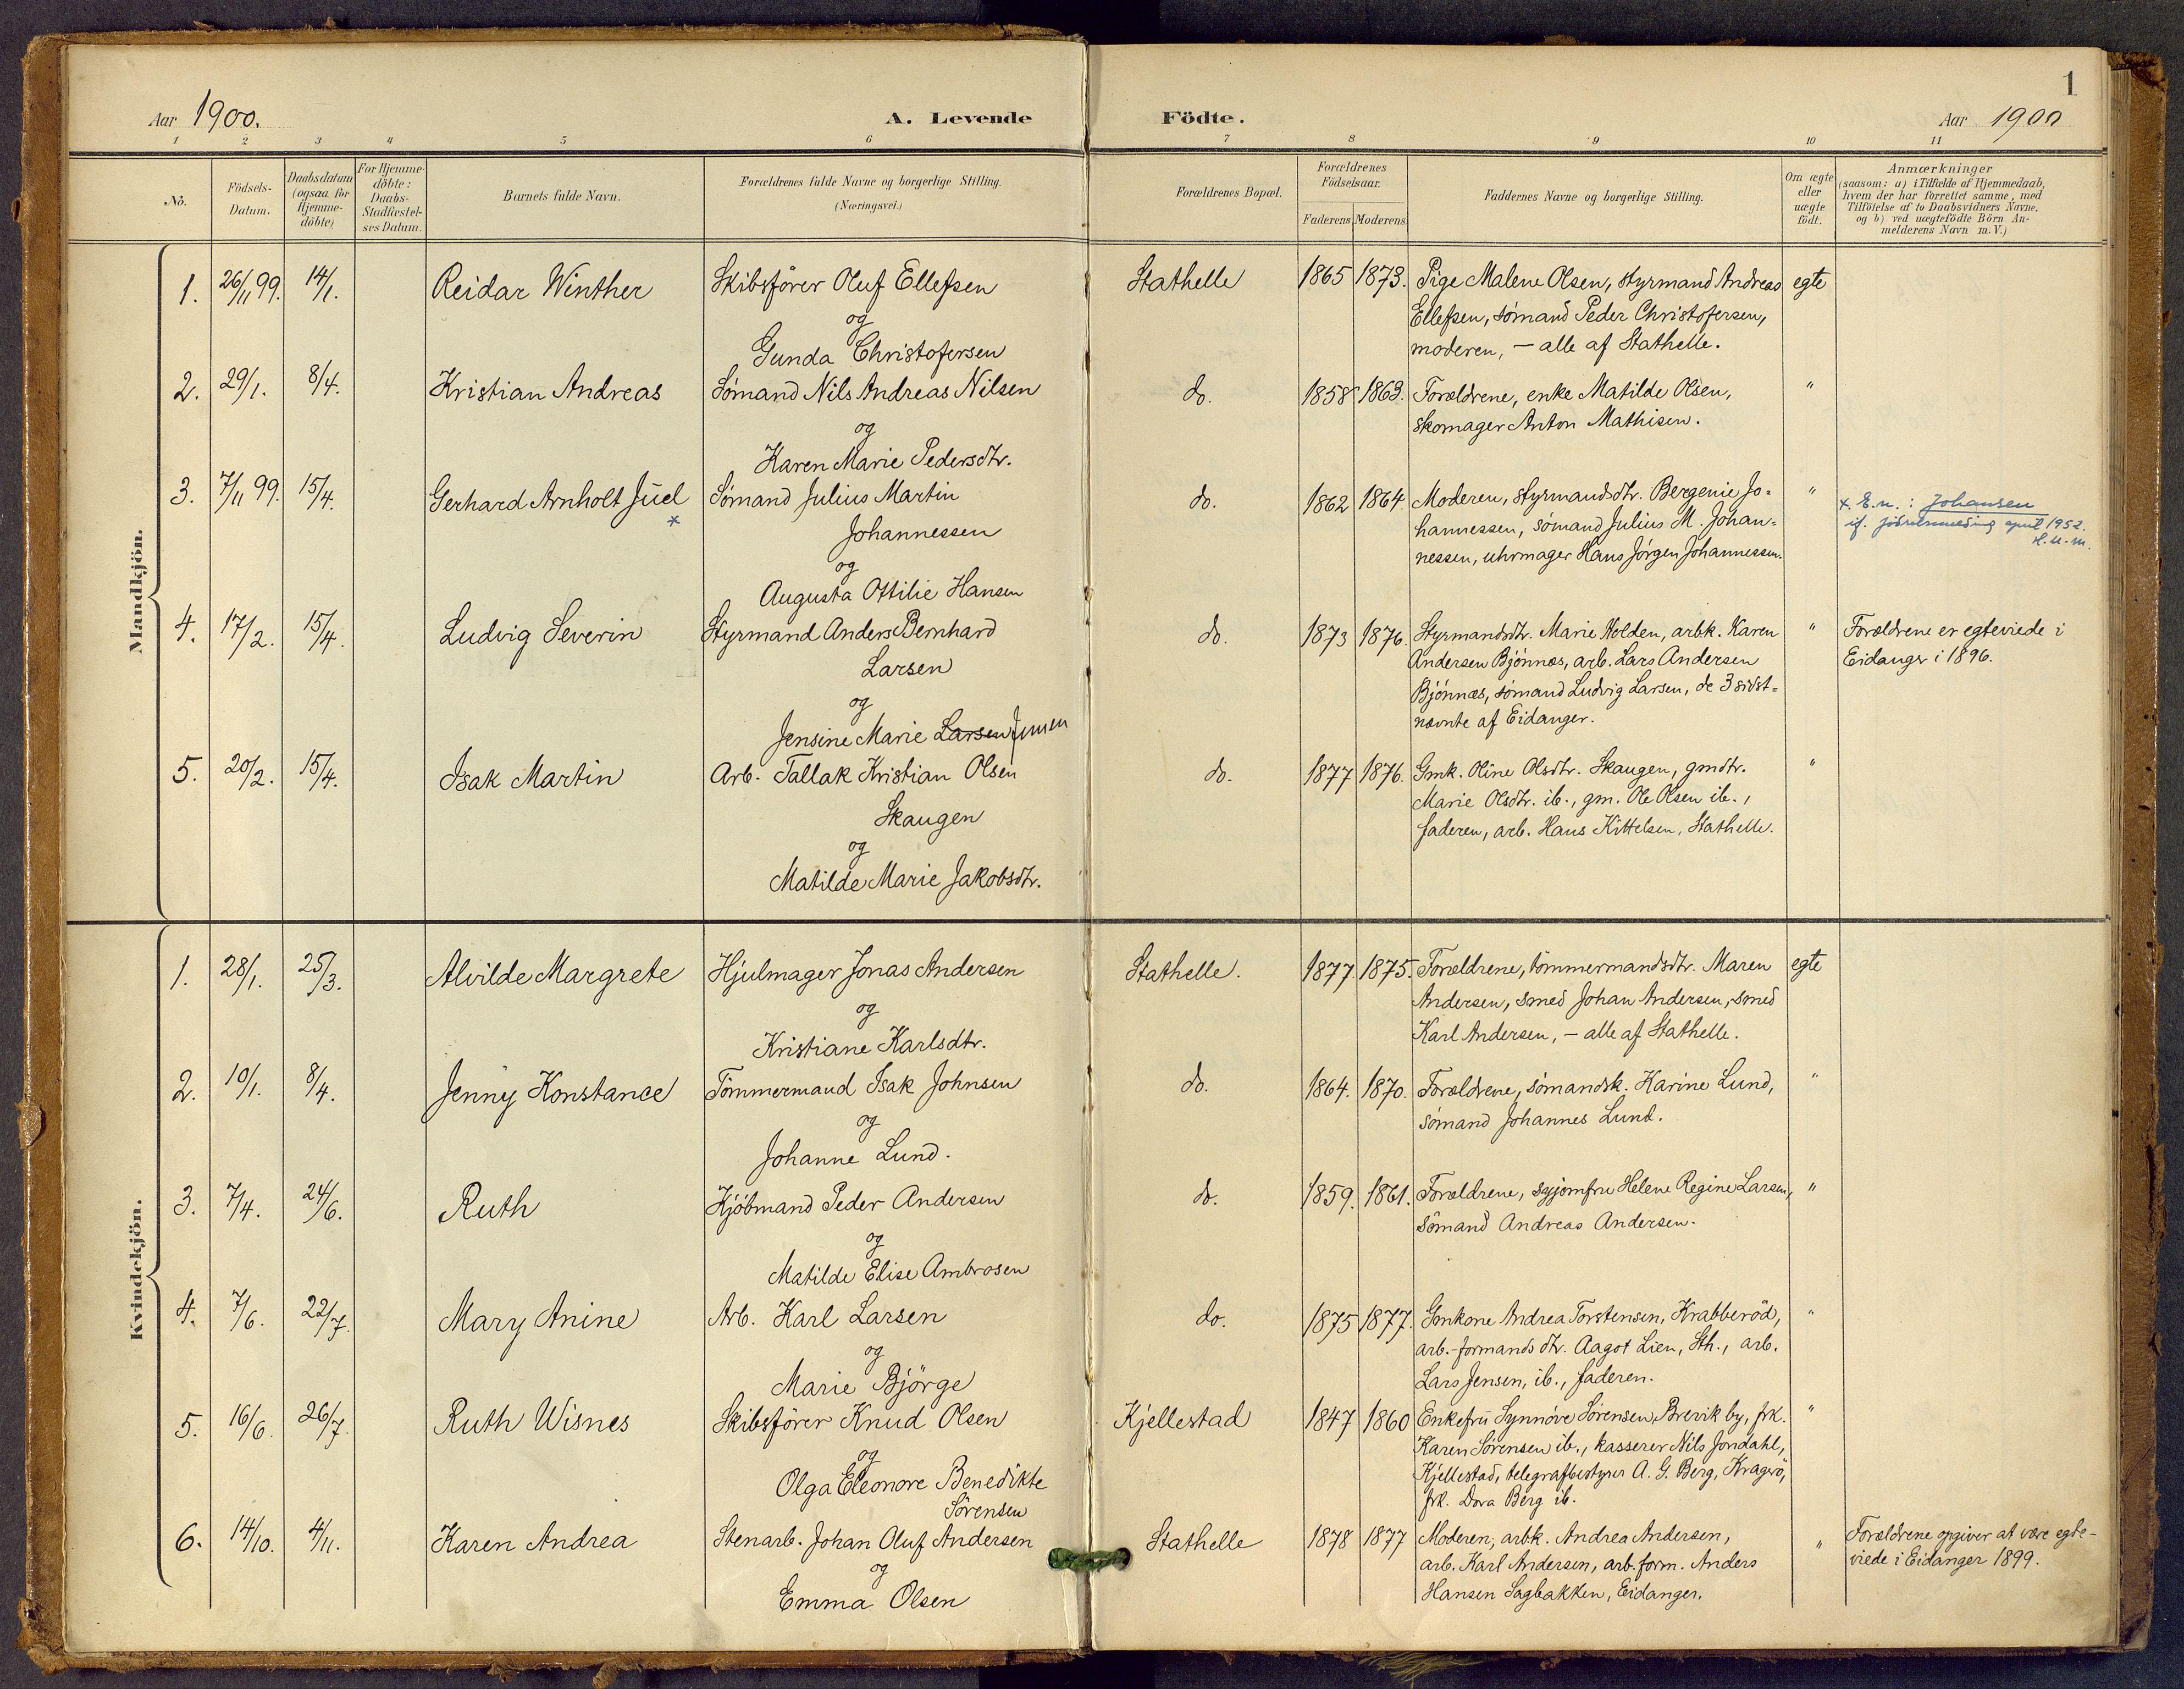 SAKO, Bamble kirkebøker, F/Fb/L0002: Ministerialbok nr. II 2, 1900-1921, s. 1